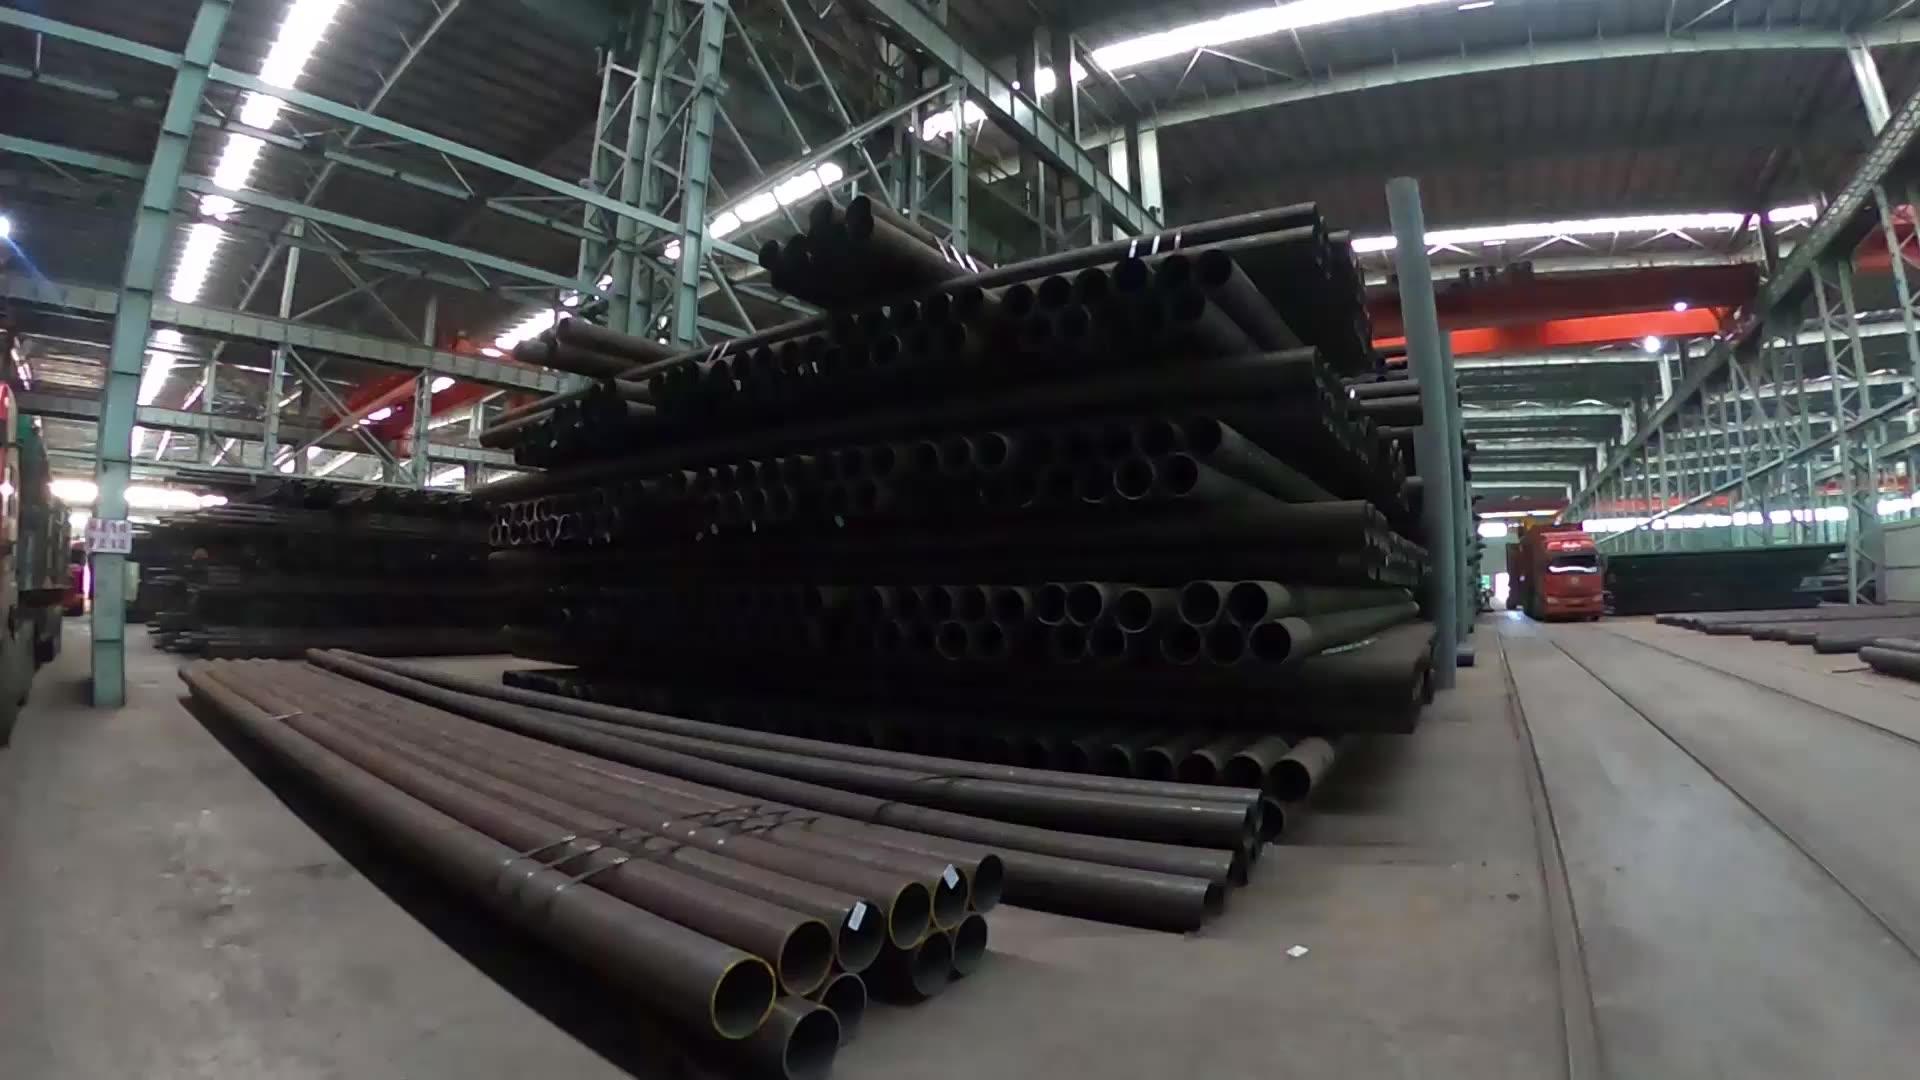 Оцинкованная углеродистая сталь бесшовные трубы и Трубогибочные машины 170 мм диаметр стальной трубы